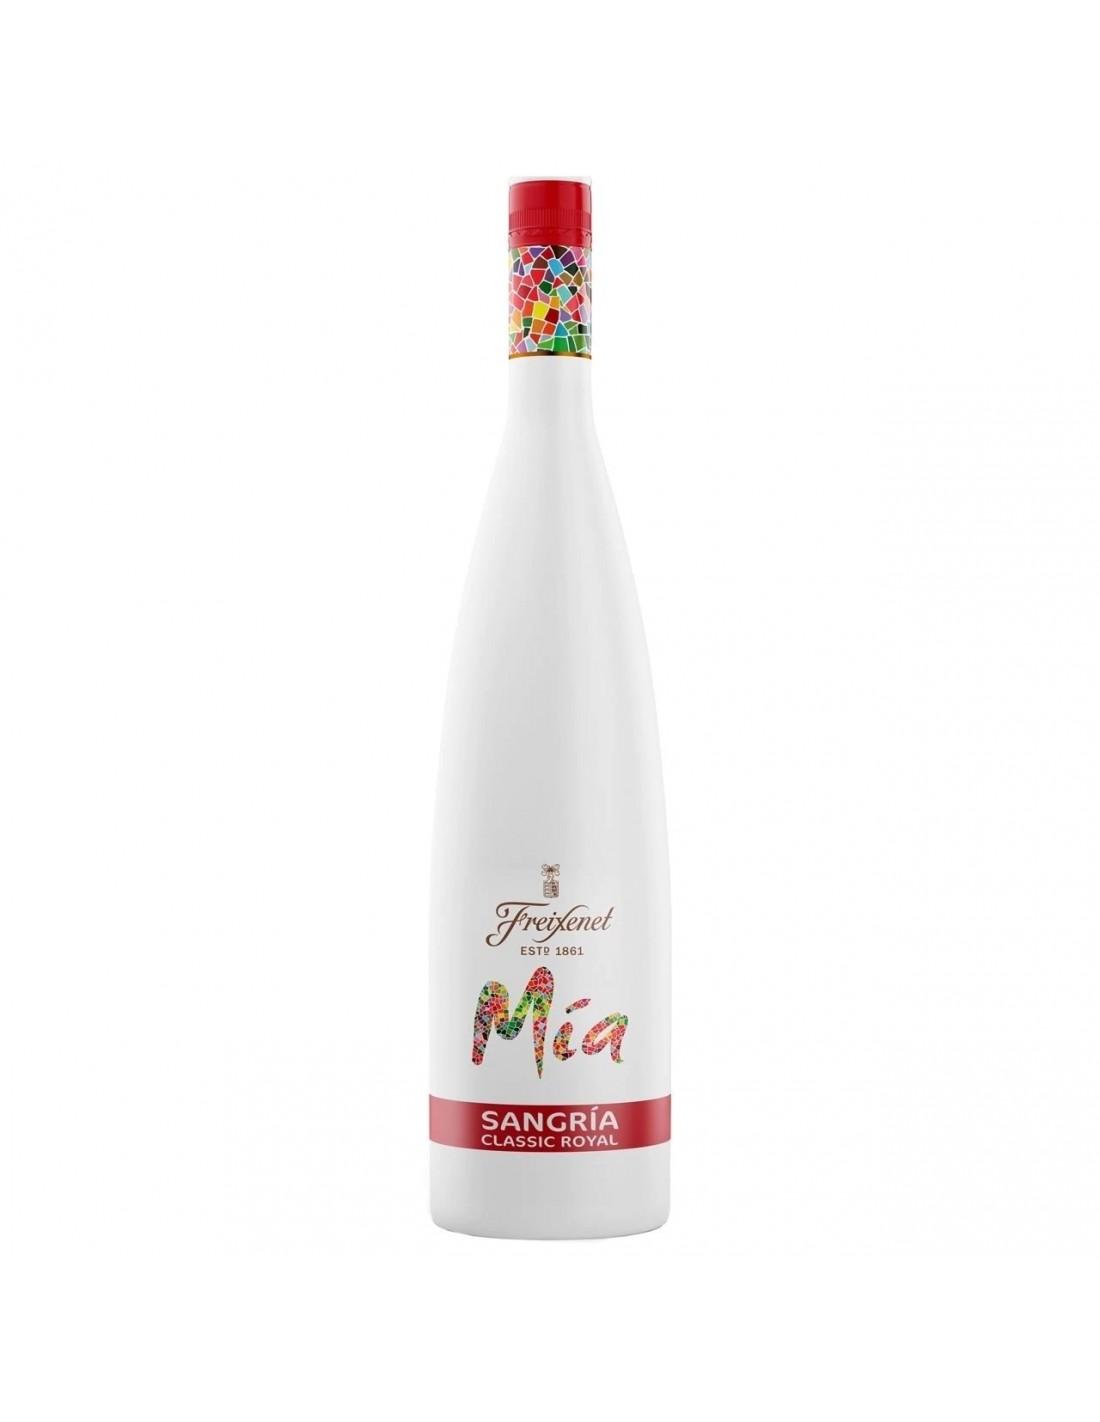 Sangria Rosu, Freixenet Mia, 8.5% alc., 0.75L